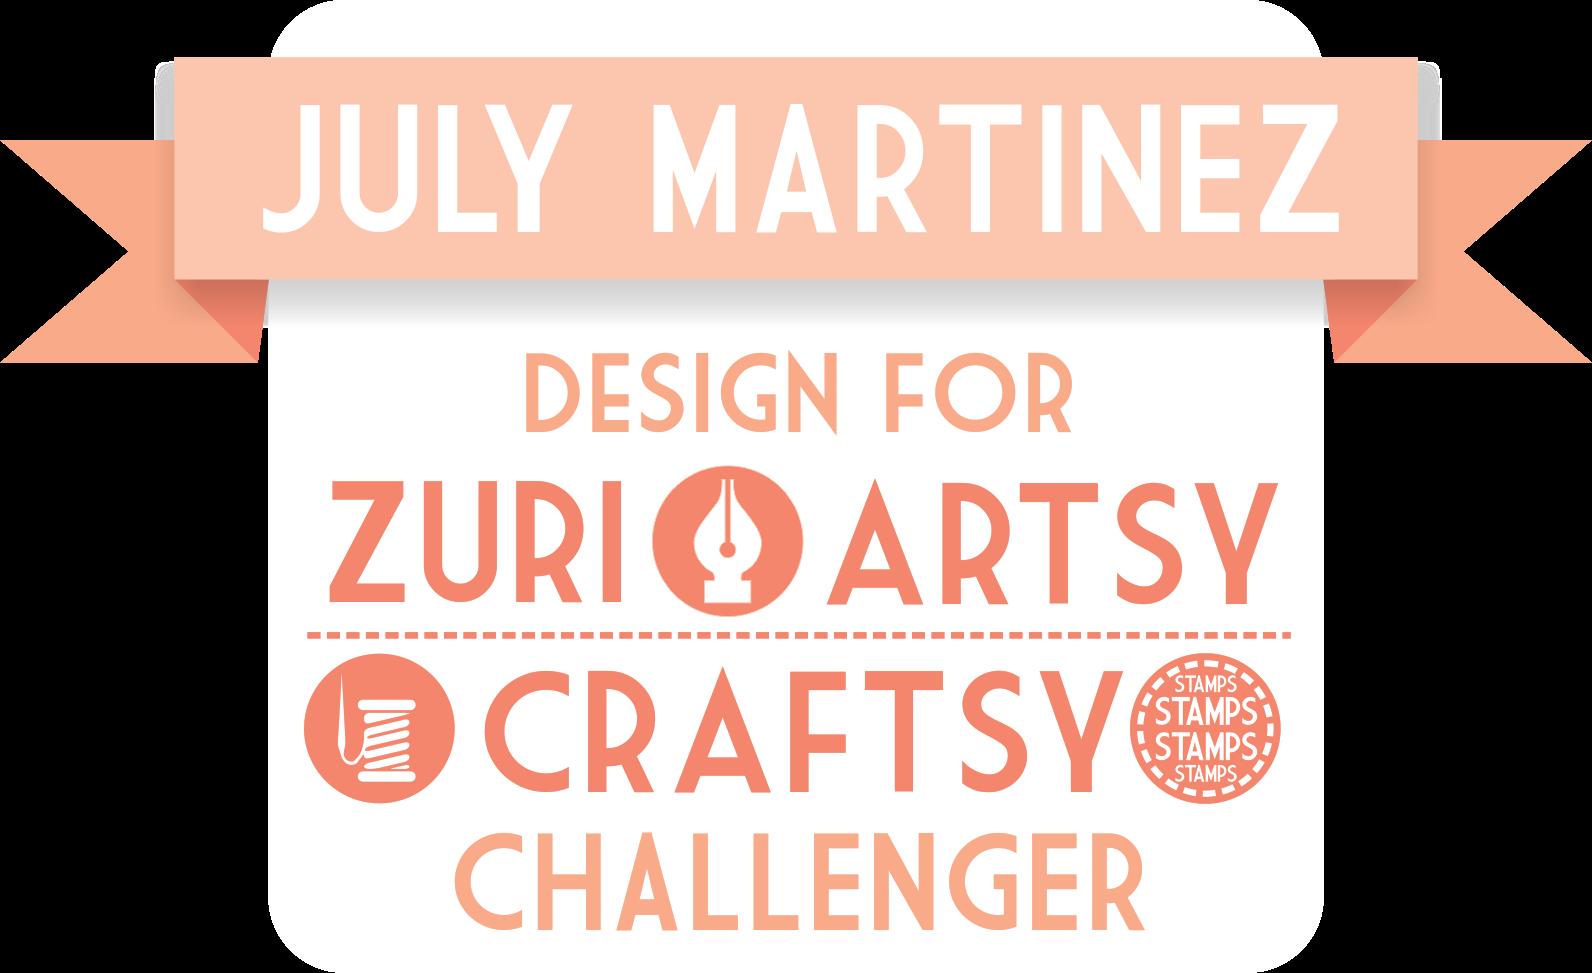 ZURI ARTSY CRAFTSY